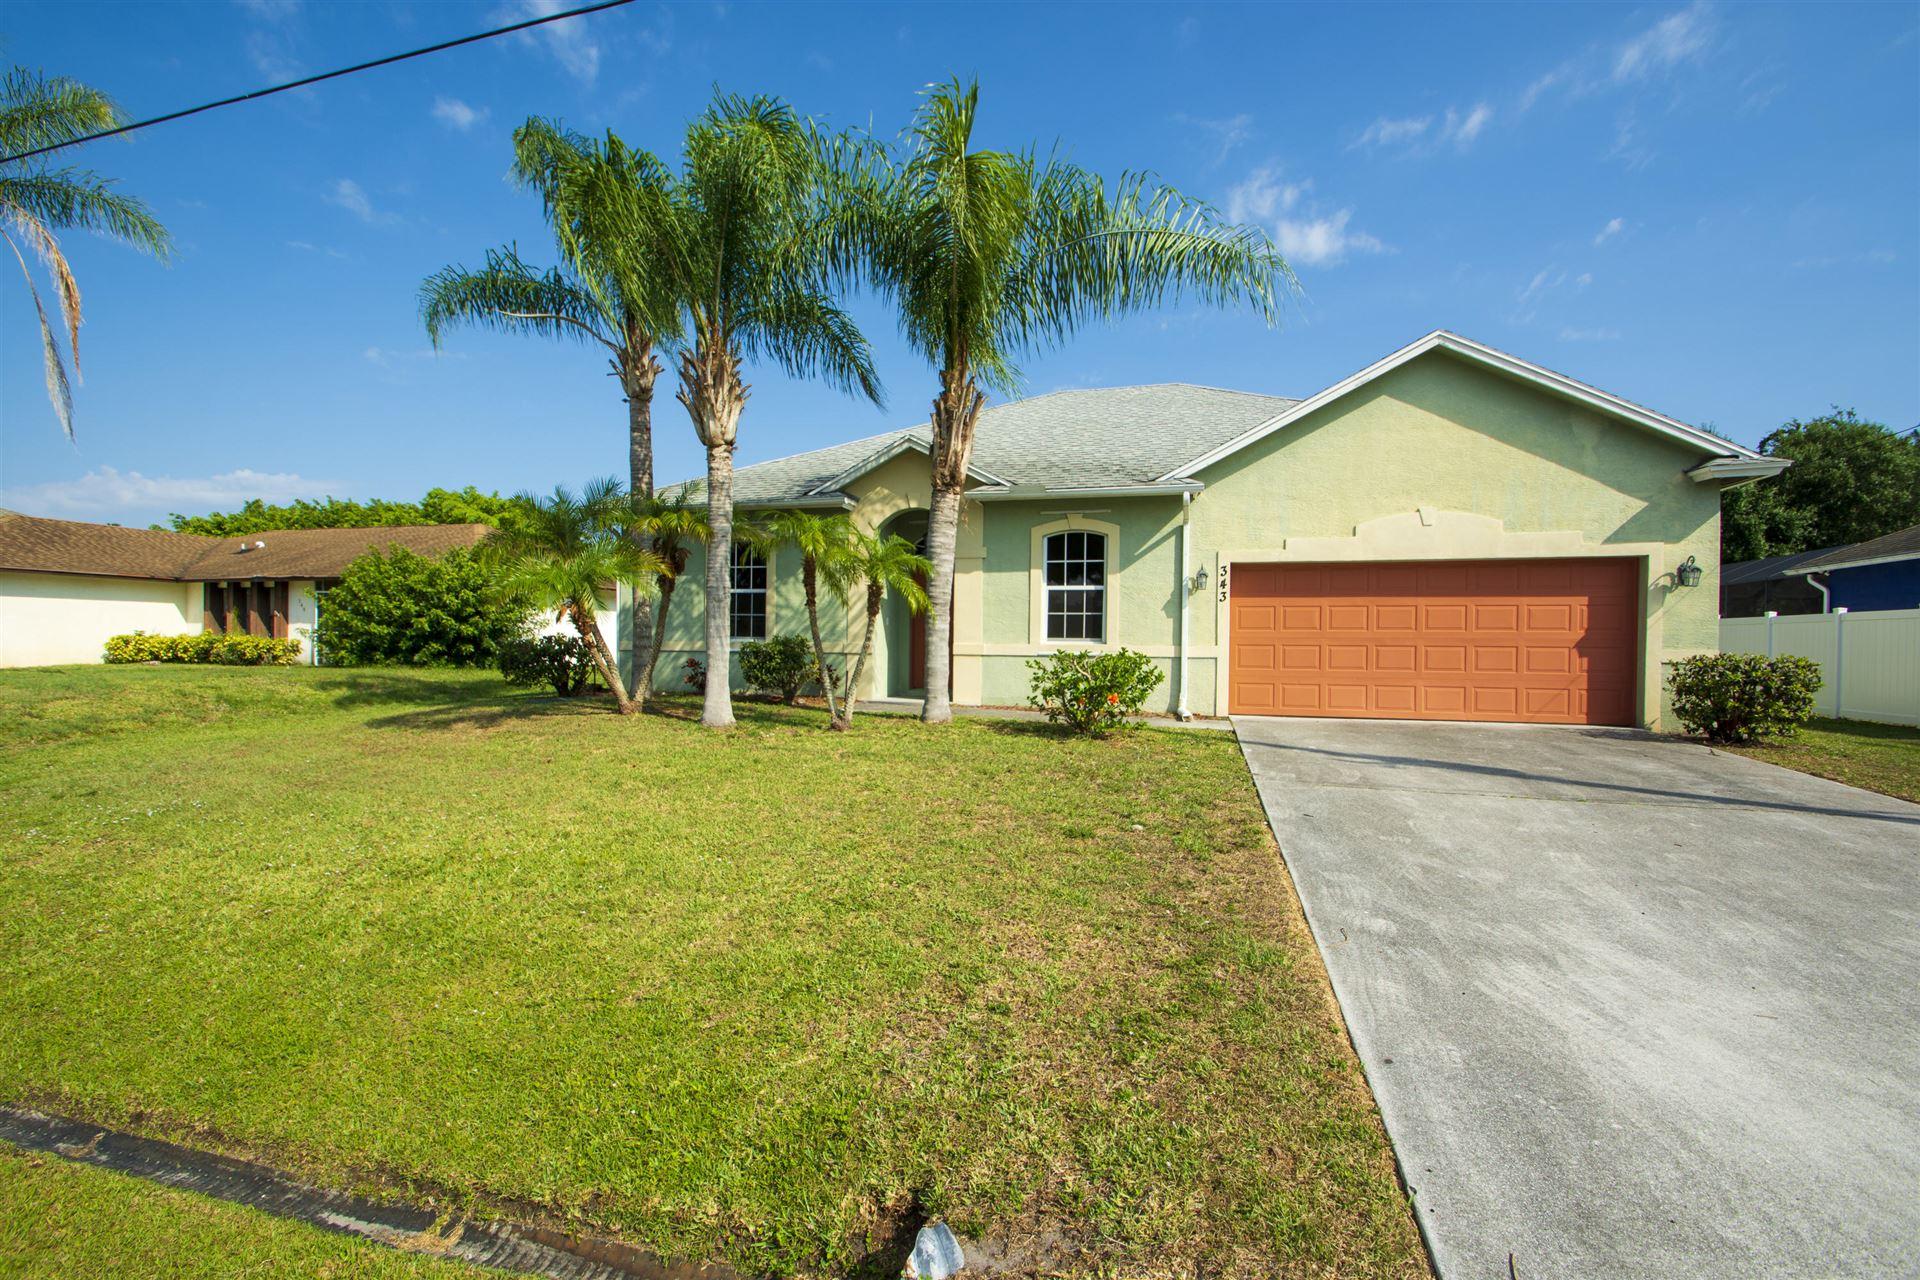 343 SW De Gouvea Terrace, Port Saint Lucie, FL 34984 - MLS#: RX-10714081